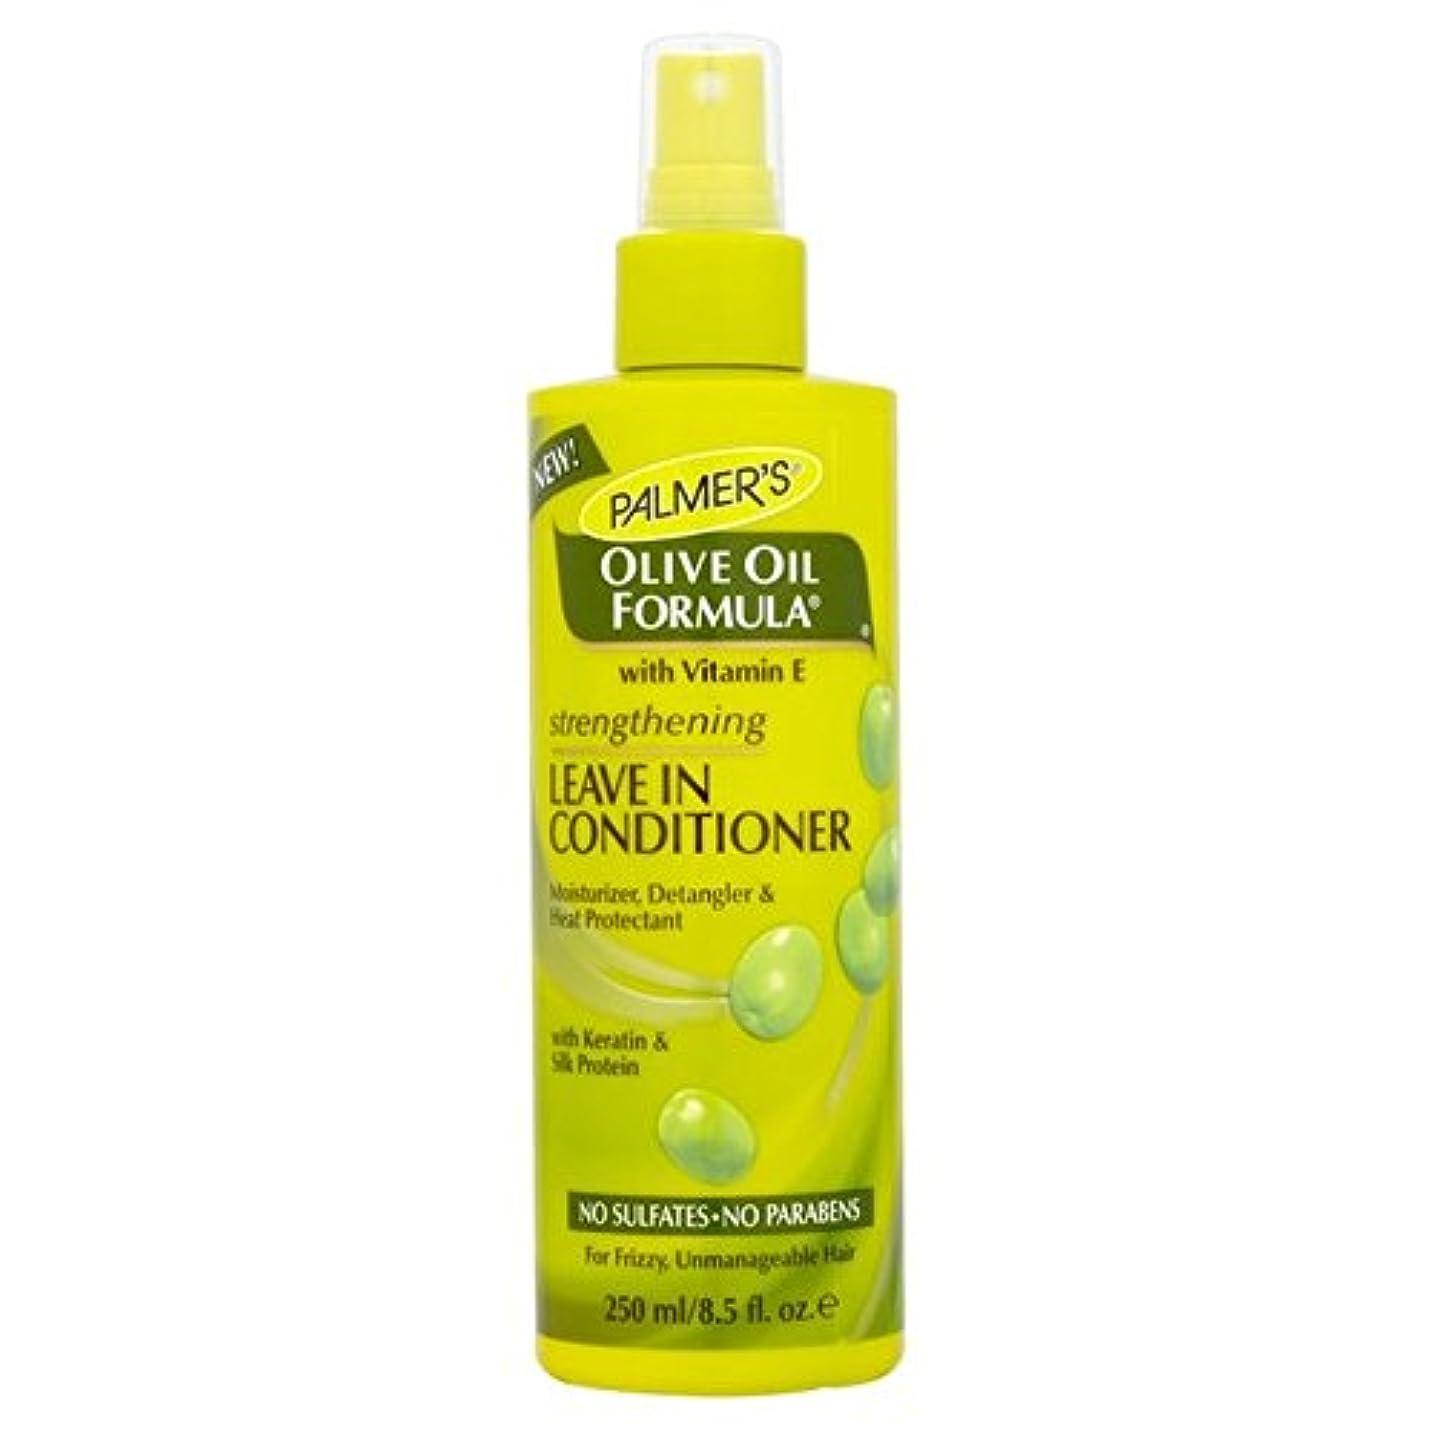 ちらつき骨髄サスティーンPalmer's Olive Oil Formula Strengthening Leave-in Conditioner 250ml (Pack of 6) - リーブインコンディショナー250を強化パーマーのオリーブオイル...